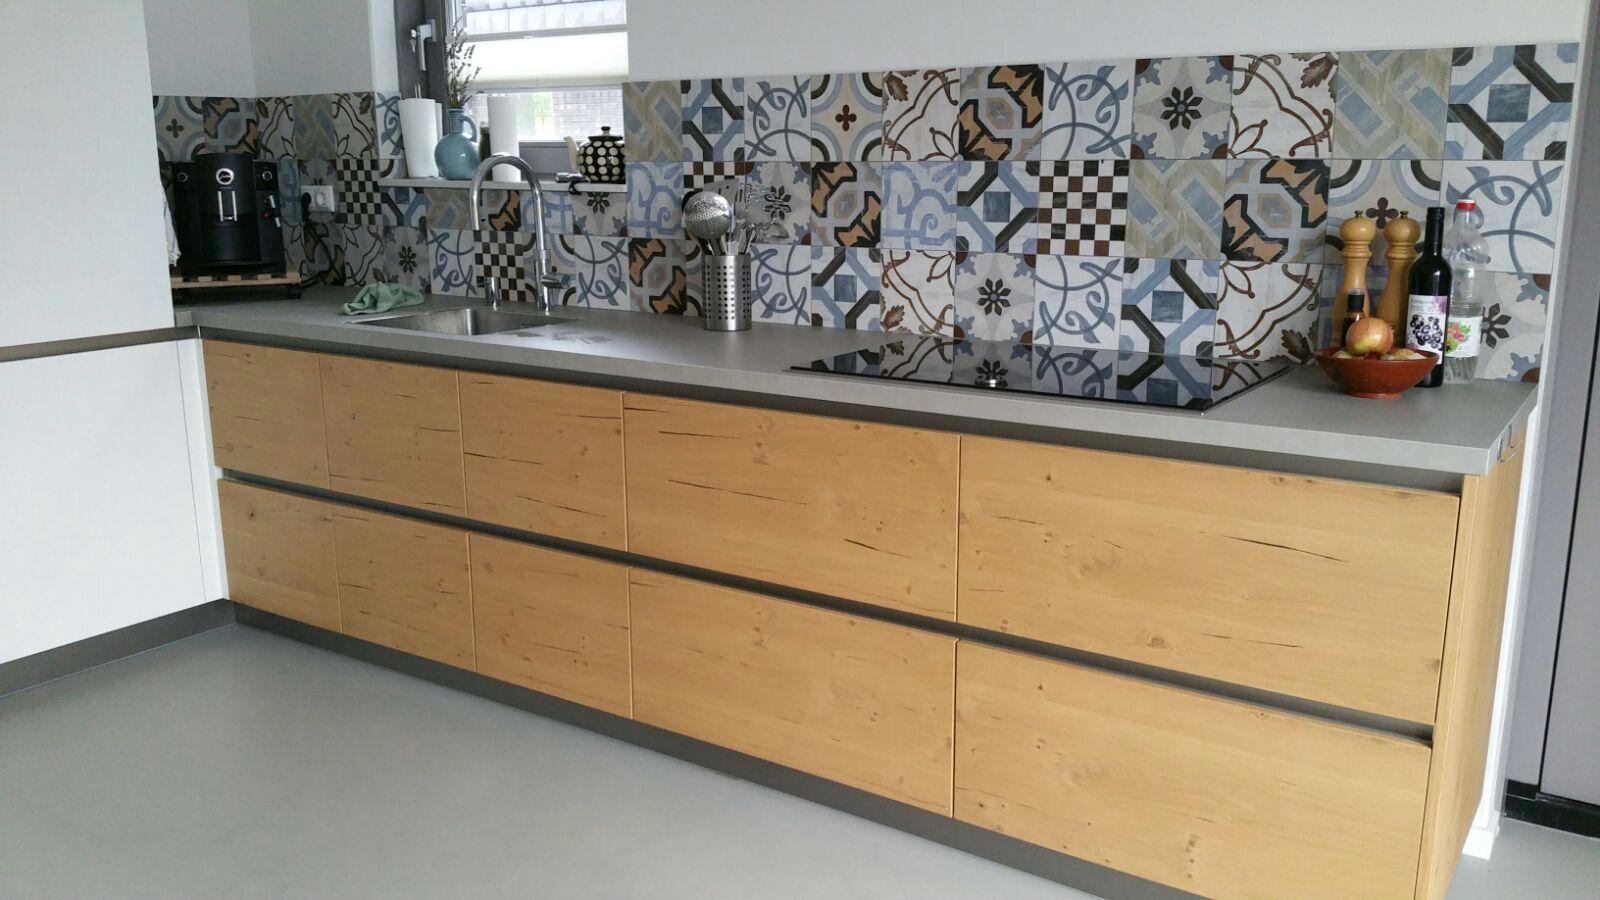 keuken wandtegels portugees : Portugese Patchwork Tegels Keuken Met Strakke Gietvloer Betonlook